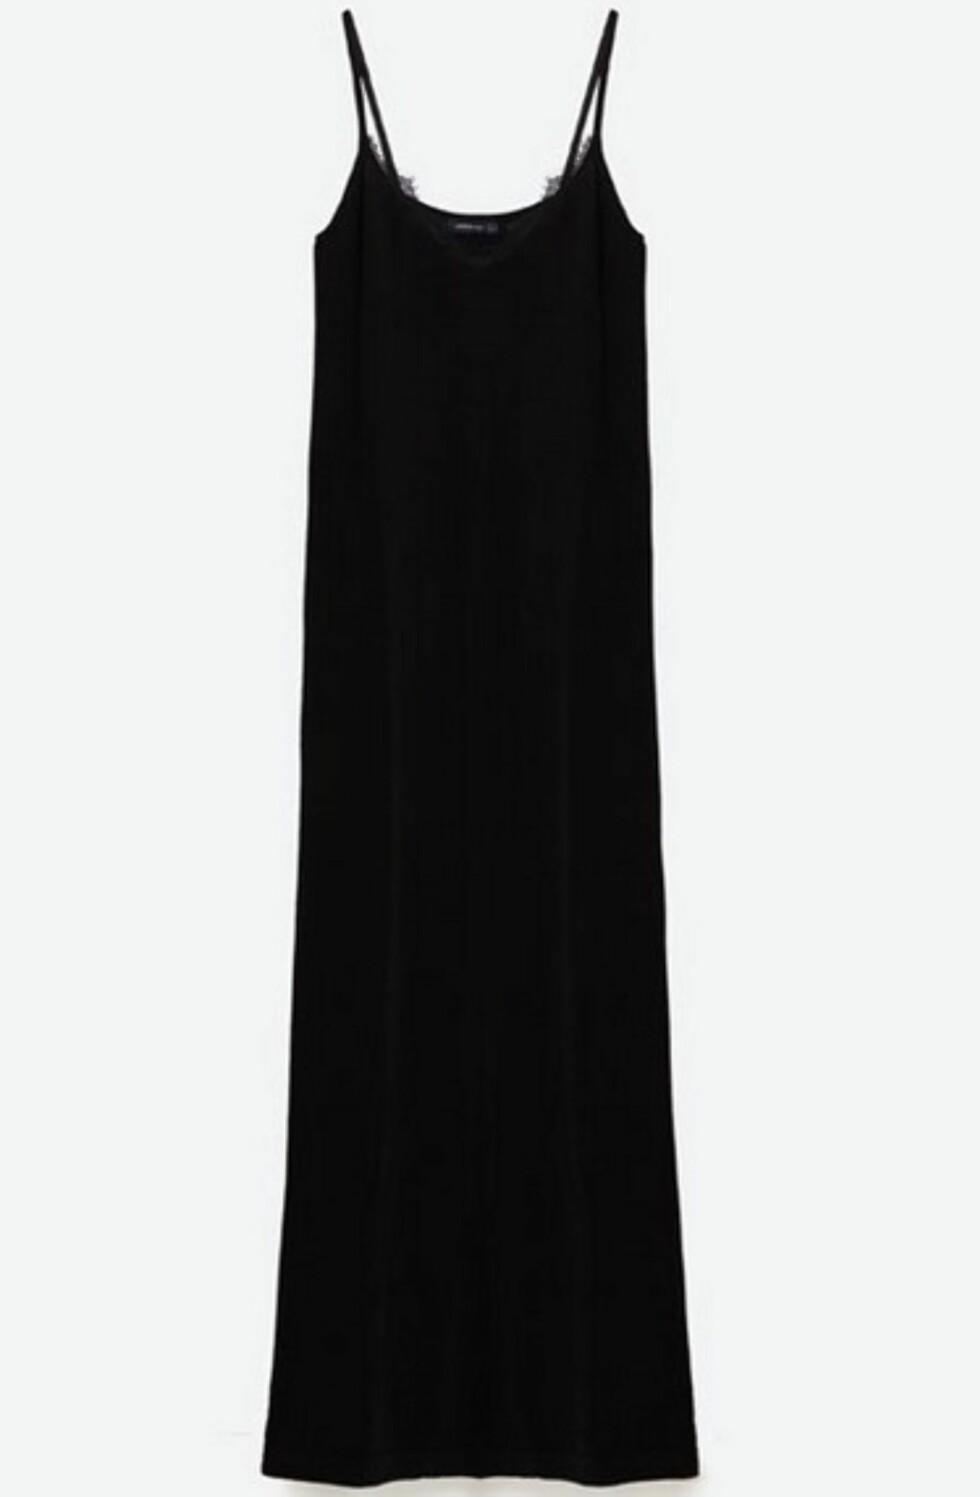 Kjole fra Zara, kr 559. | | http://www.zara.com/no/no/dame/kjoler/lang-kjole-i-undert%C3%B8ystil-c269185p3956263.html